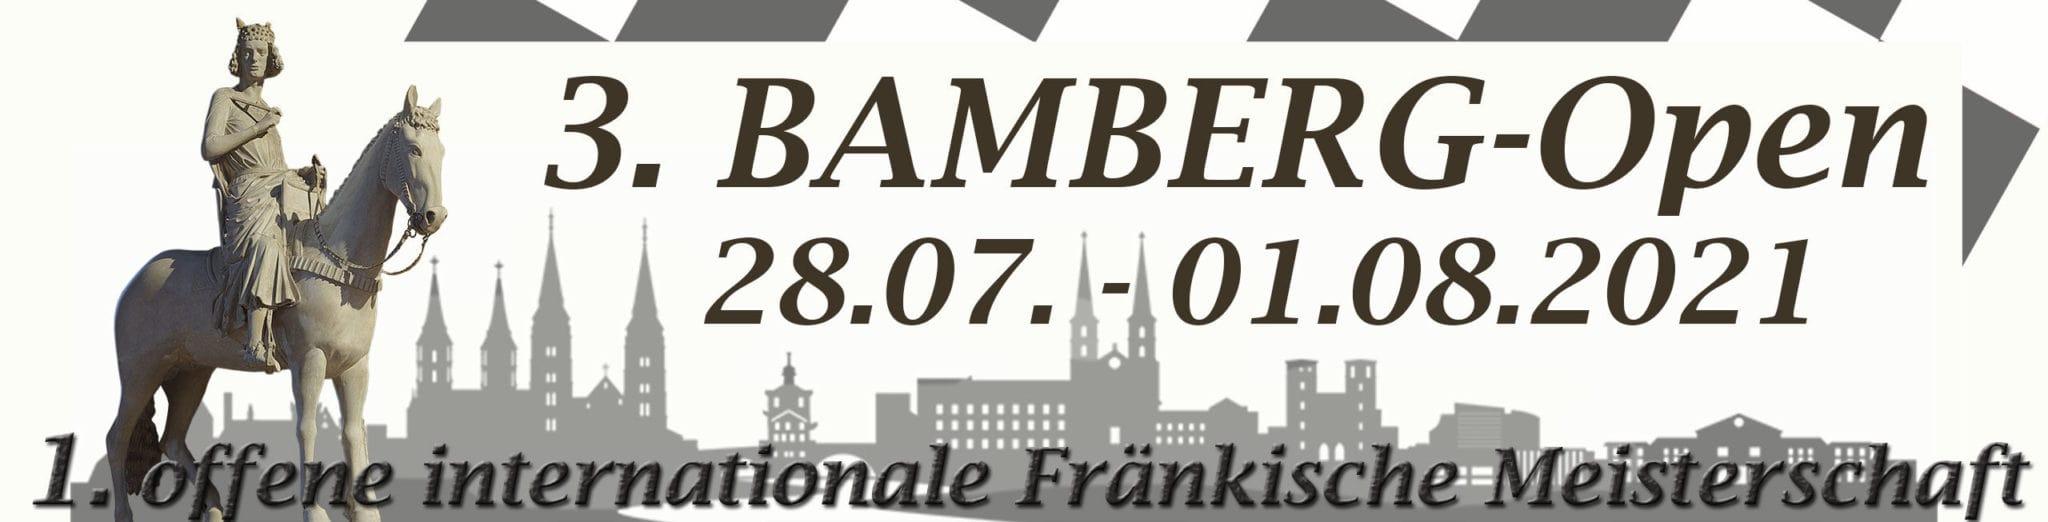 Bamberg Open 2021